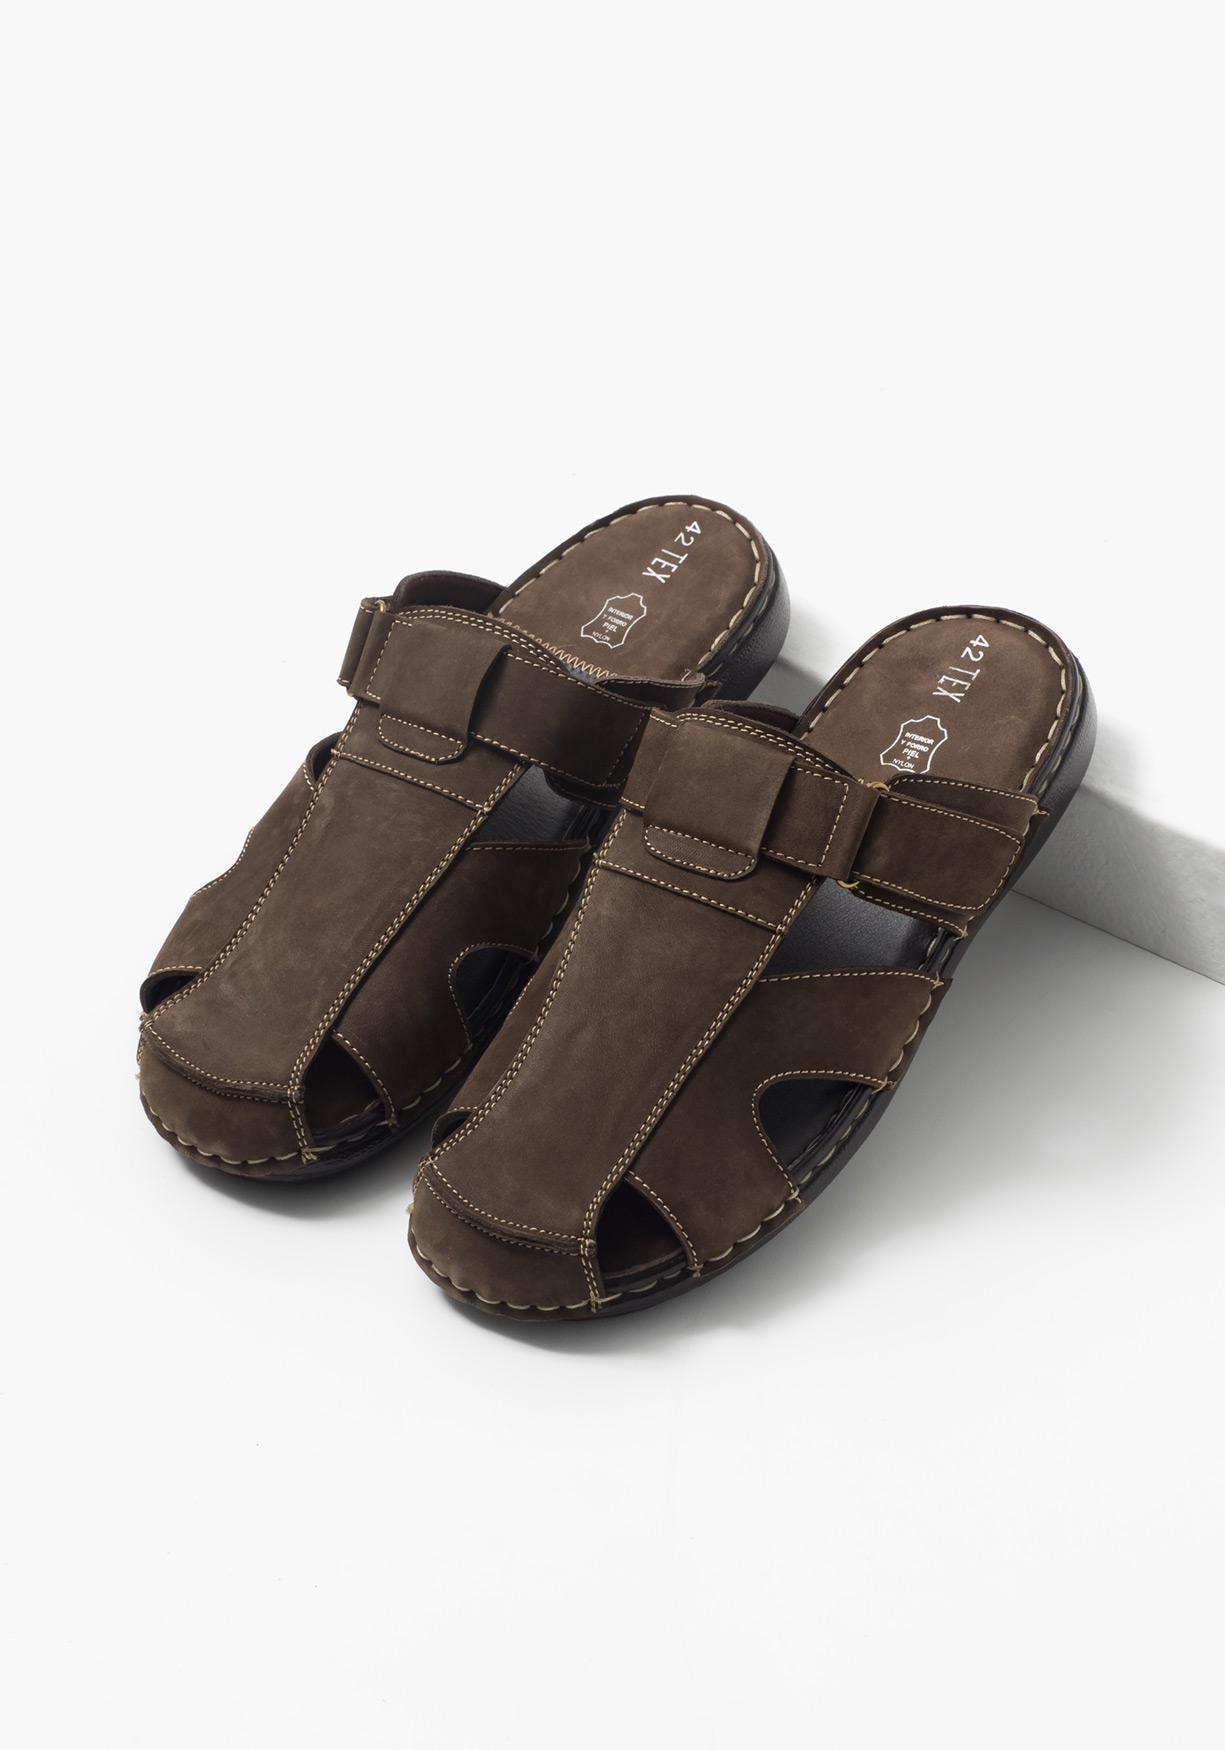 Comprar Sandalias Y ¡aprovéchate De Precios Piel Nuestros Tex zqqrw7H